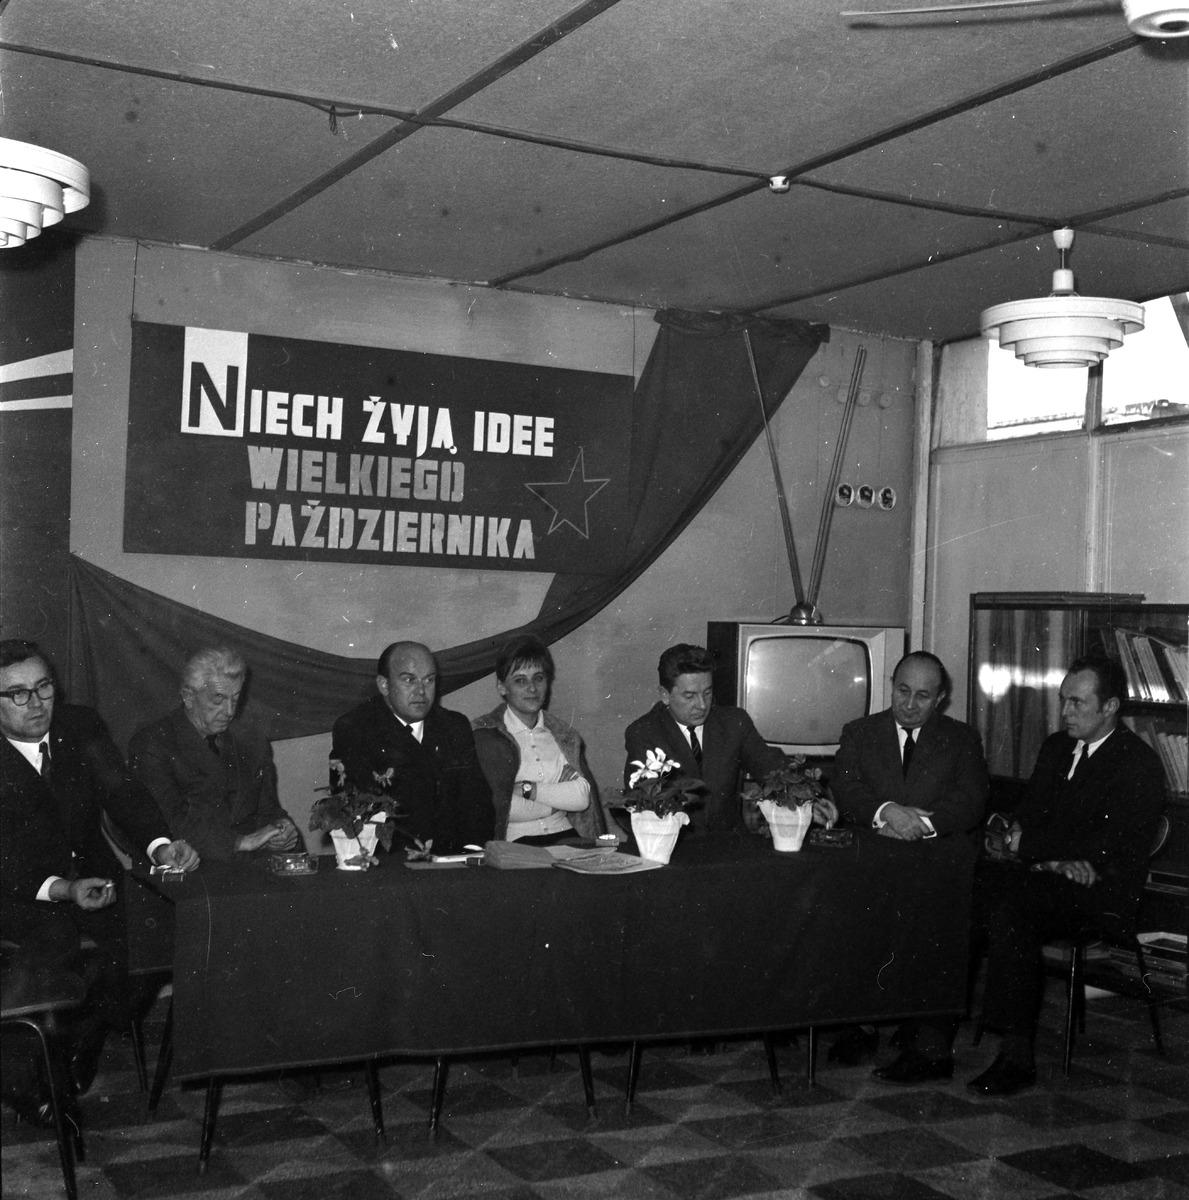 Obchody 50 rocznicy Rewolucji Październikowej w MZP [7]